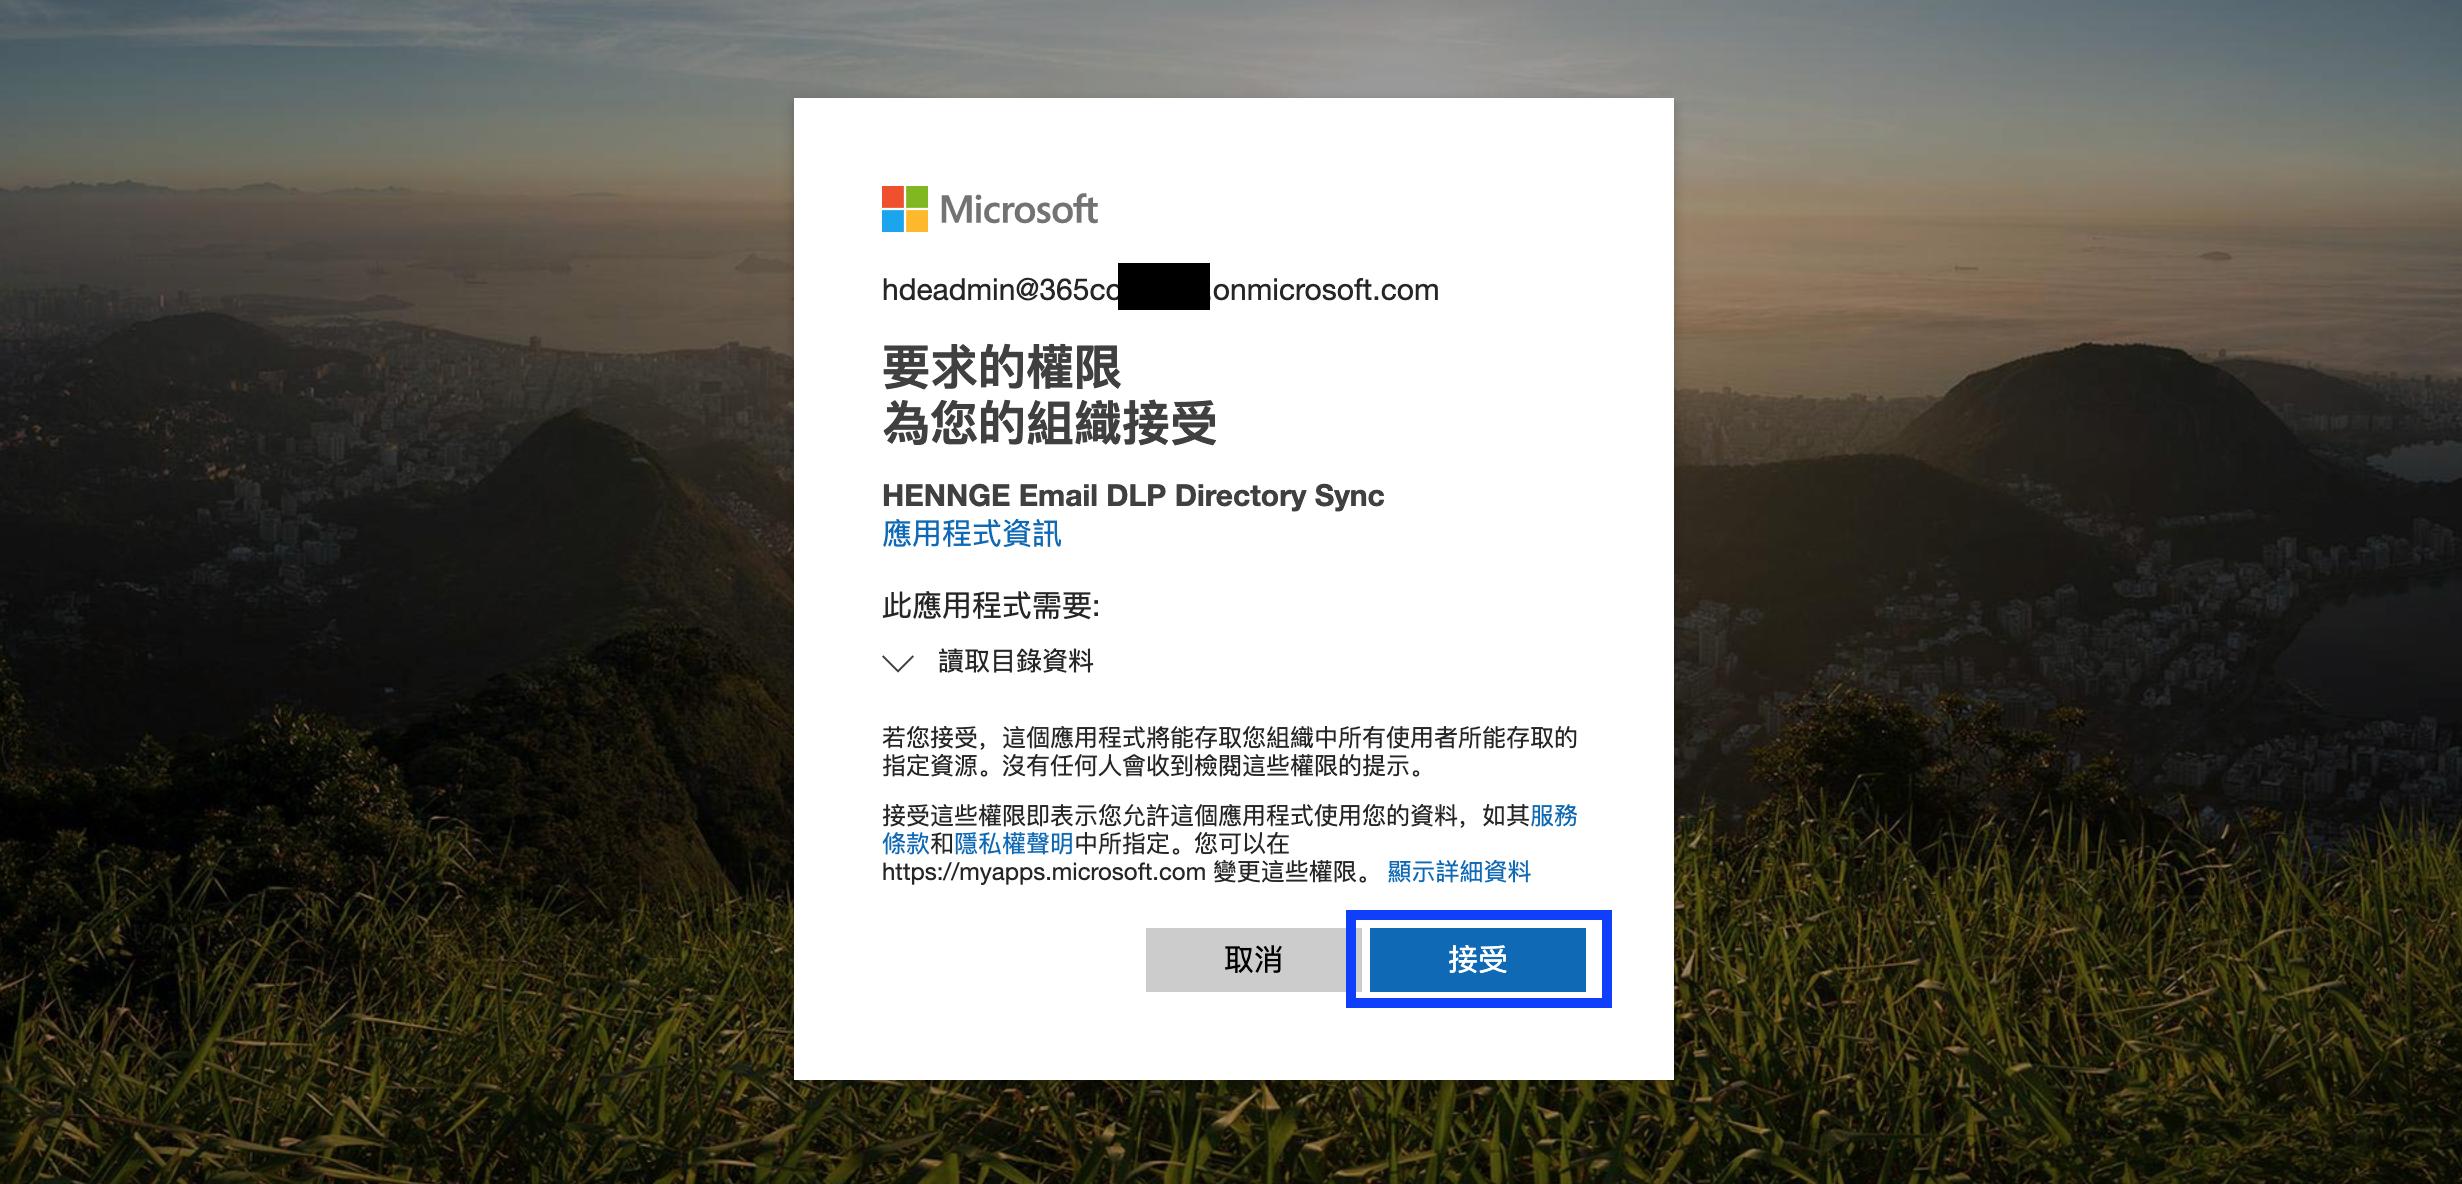 Screen_Shot_2019-07-09_at_15.33.47.png